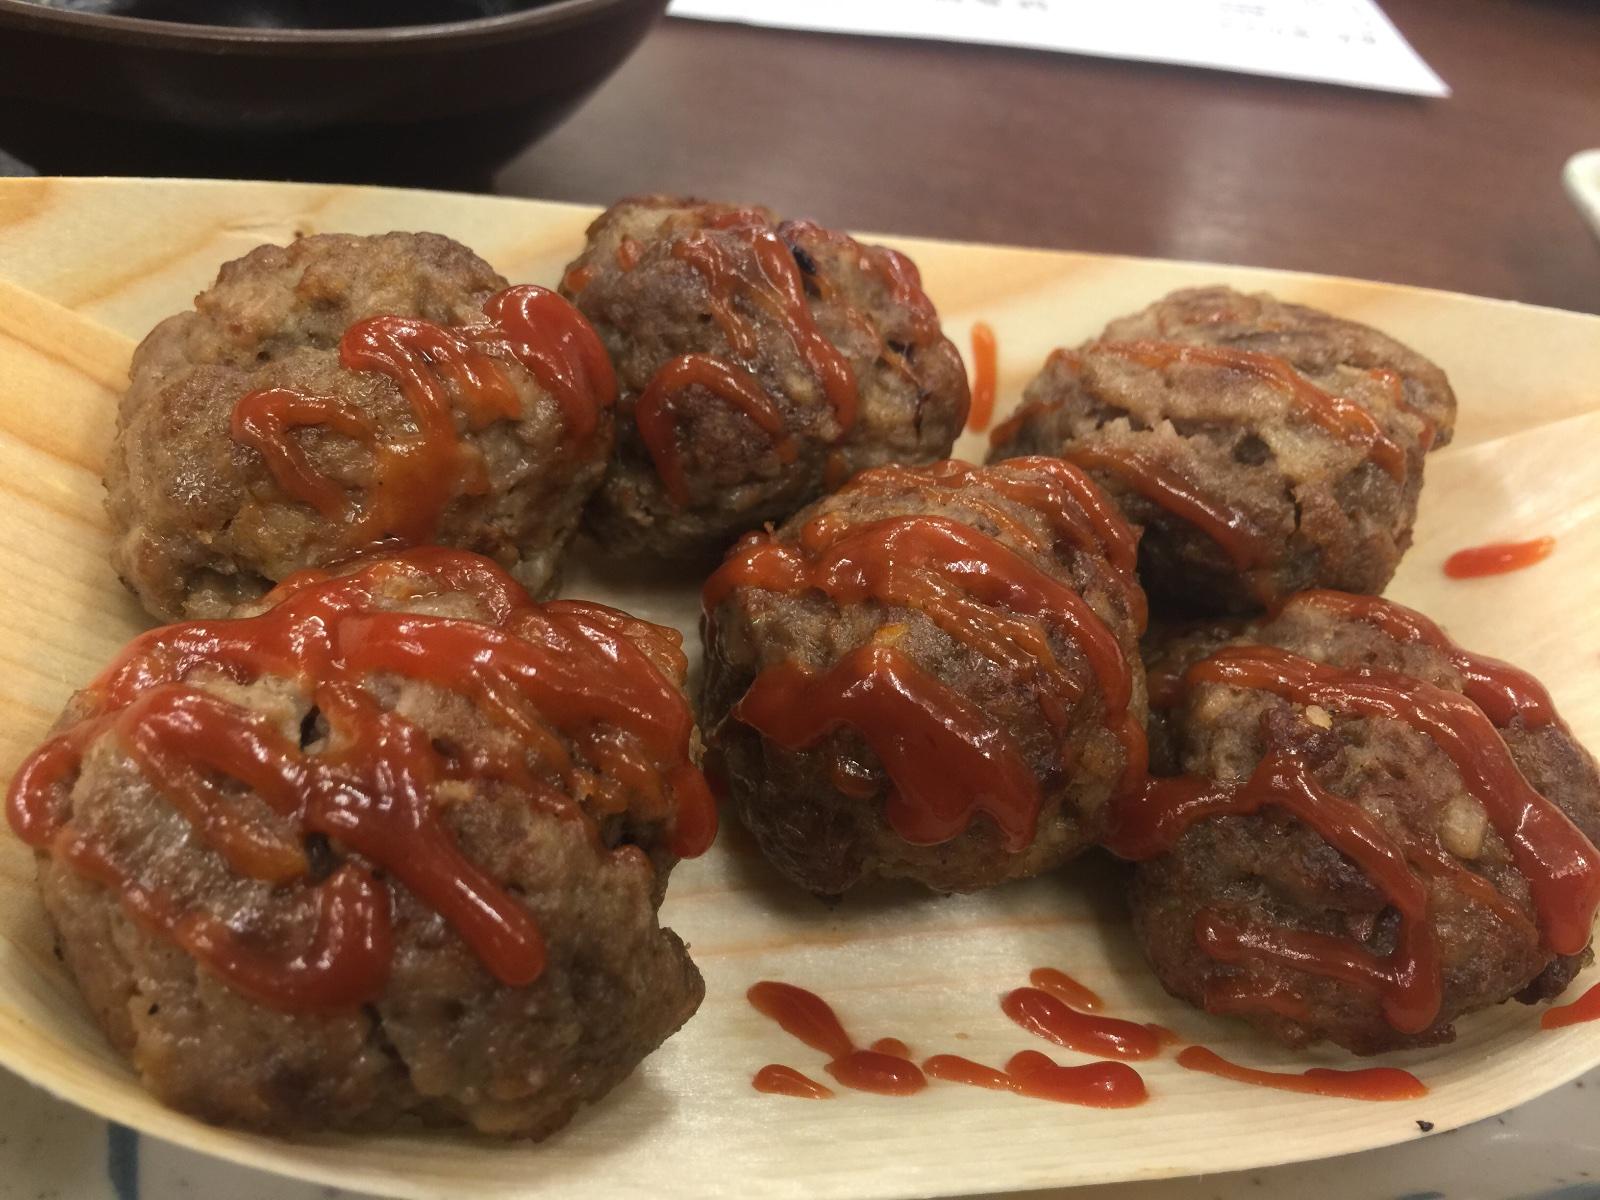 串カツと自分で焼くタコ焼き新世界味の大丸大丸焼きハンバーグ